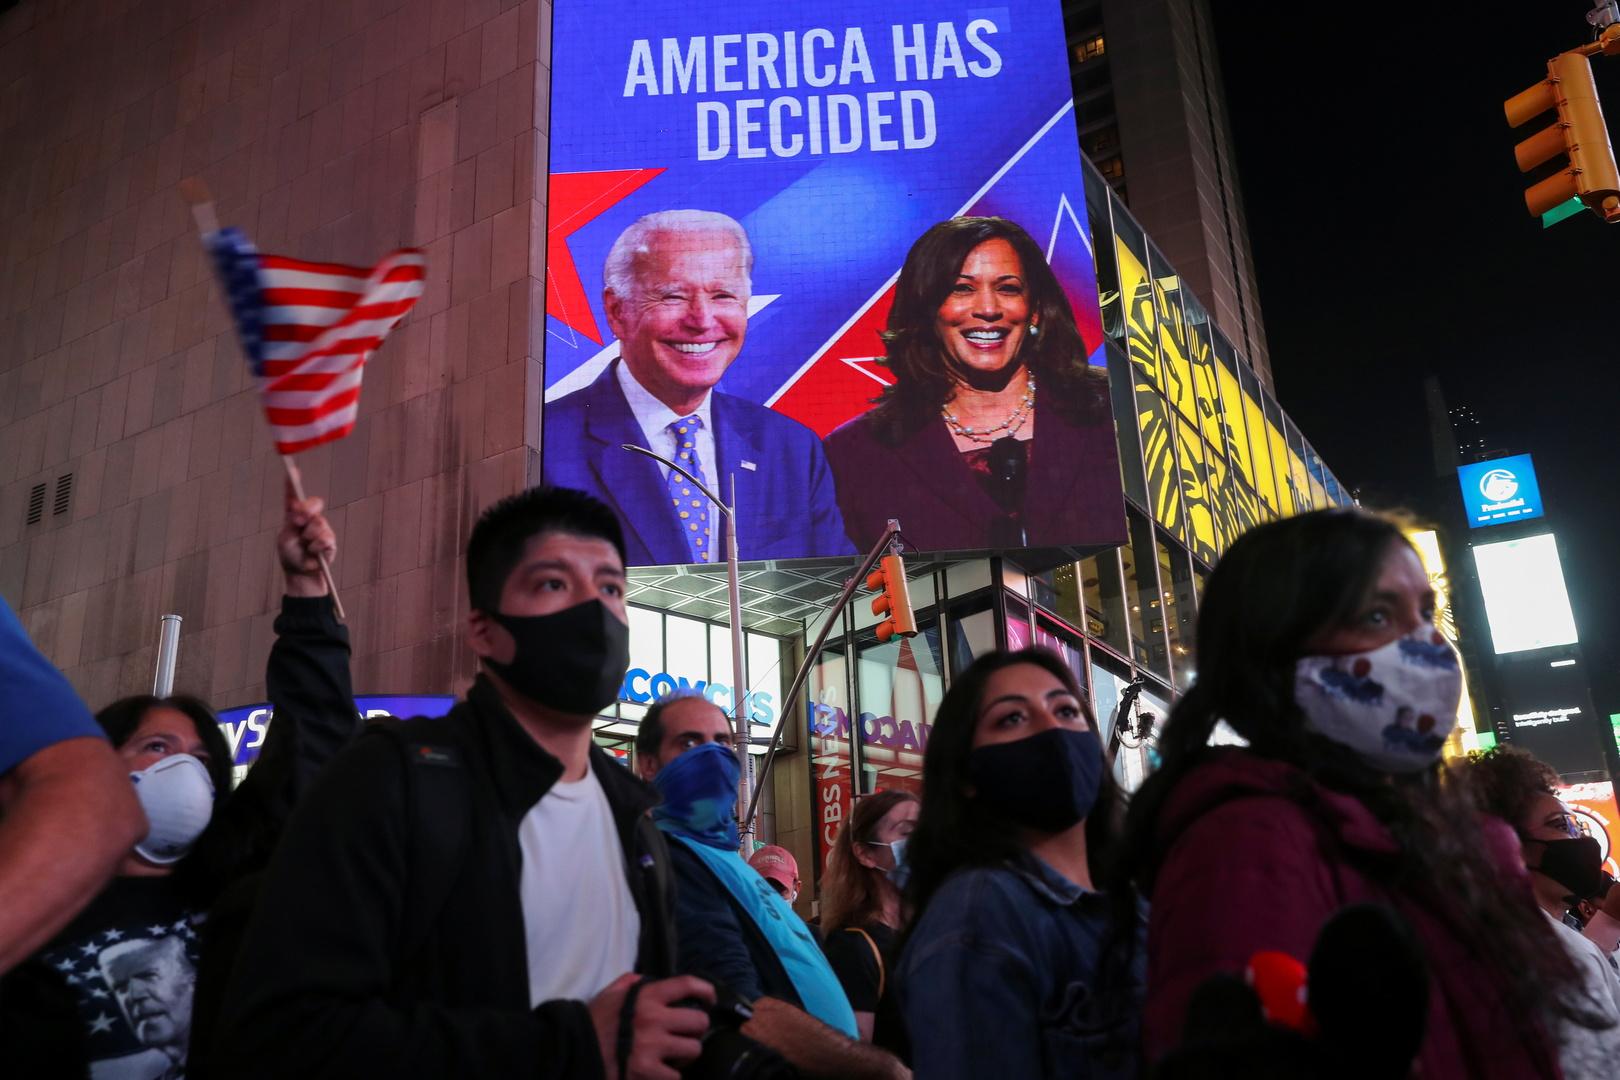 الإحتفال بإعلان بايدن لفوزه بالولايات المتحدة